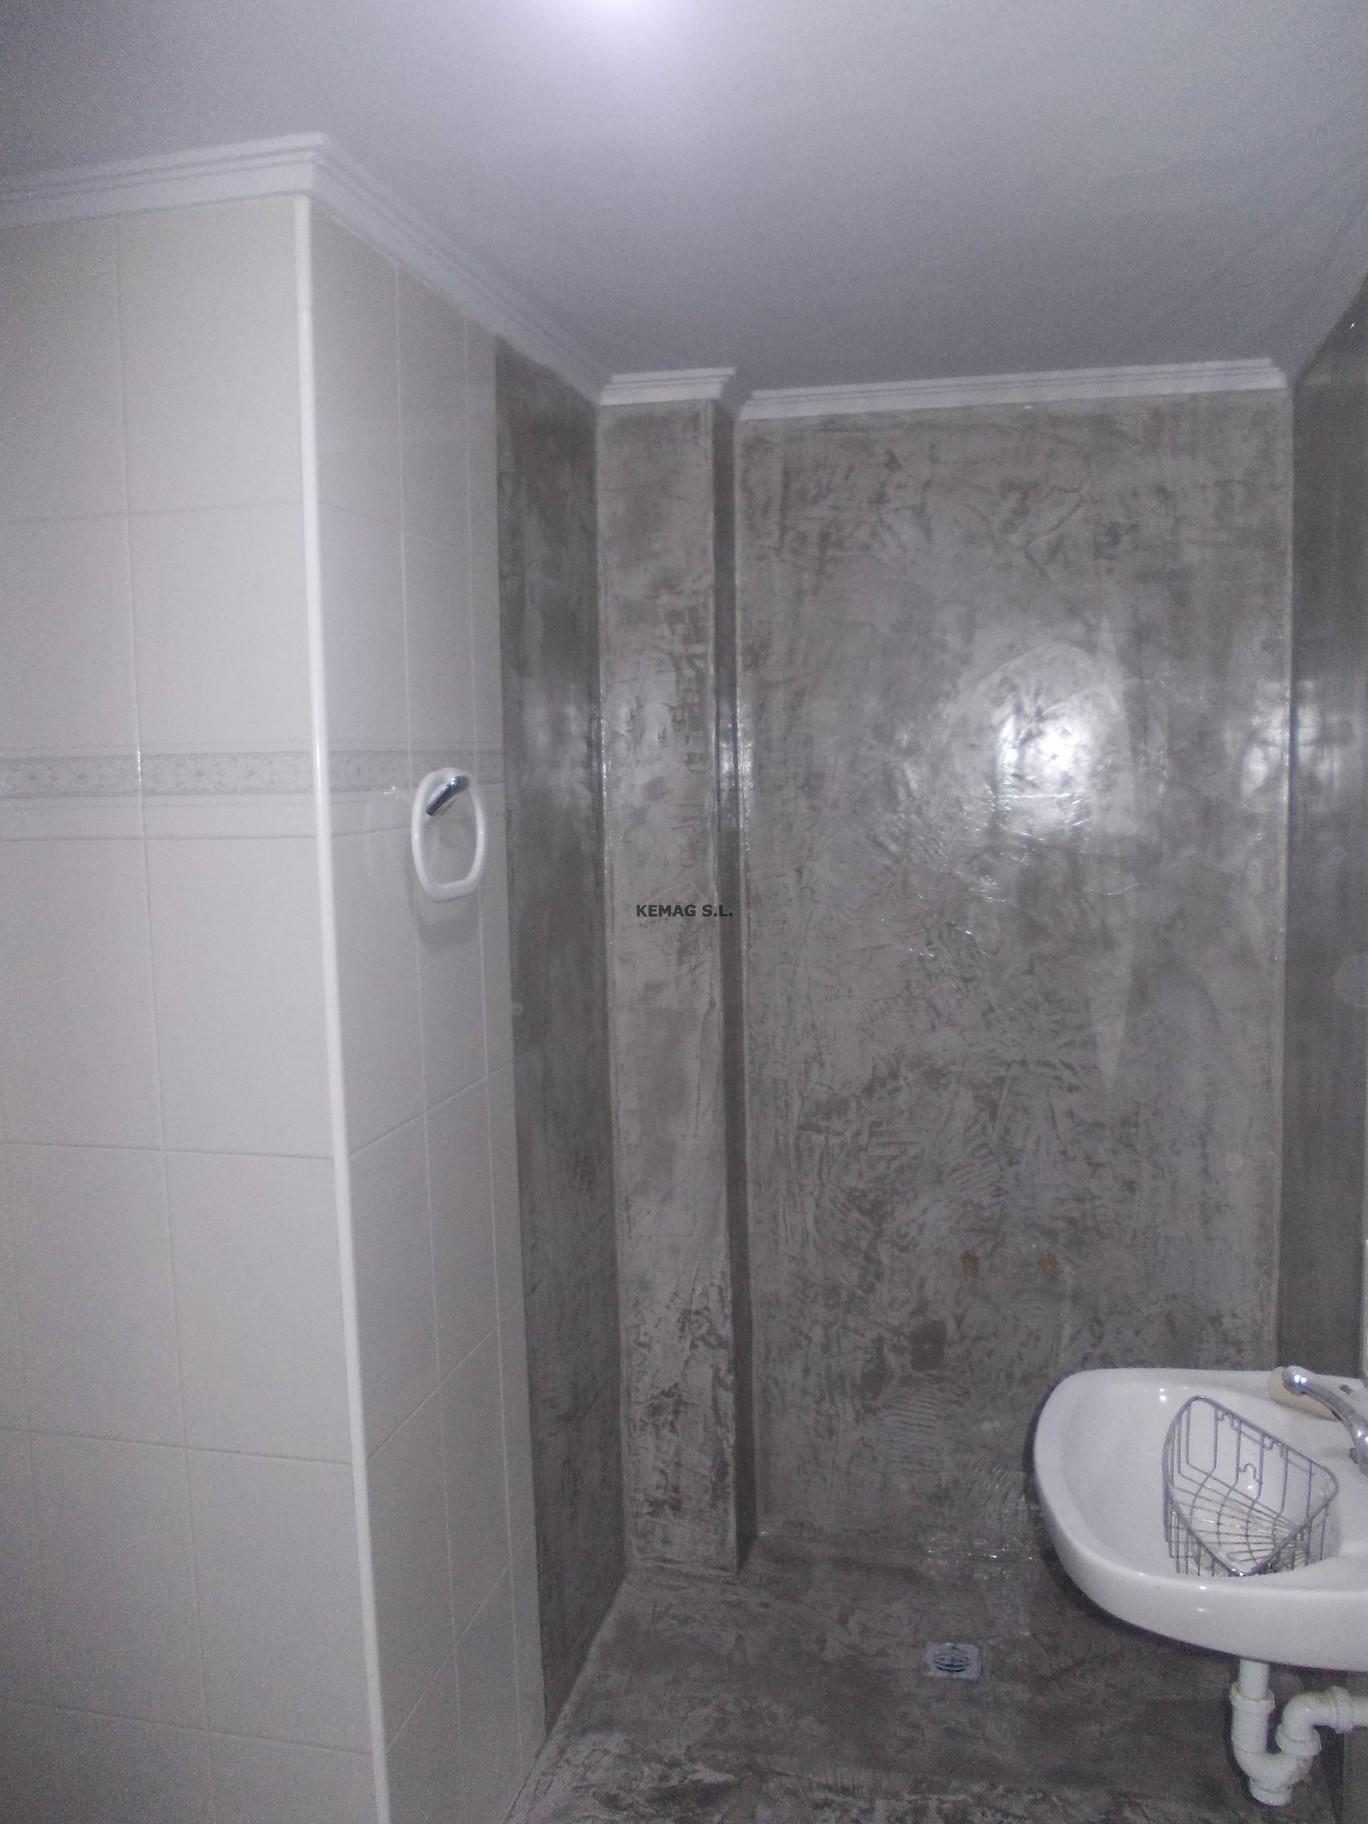 Microcemento en us rbil guipuzcoa kemag pavimentos - Microcemento para paredes ...